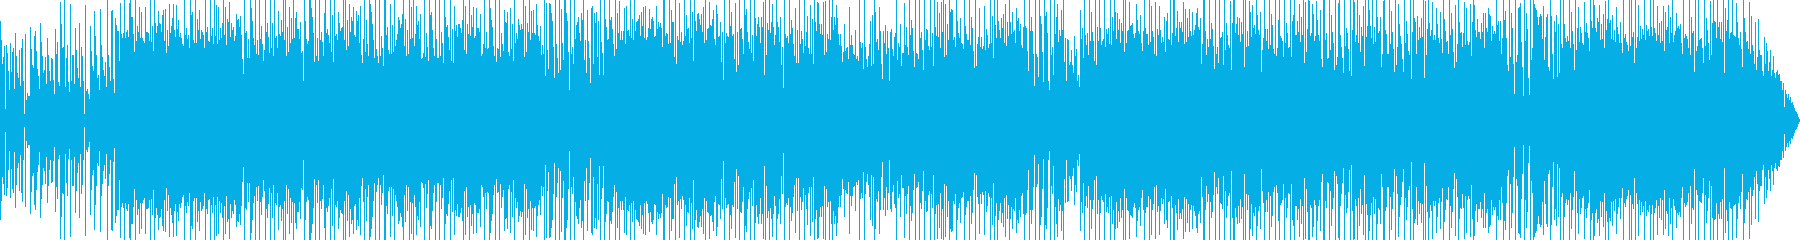 疾走感溢れる大人のフュージョンレゲエの再生済みの波形